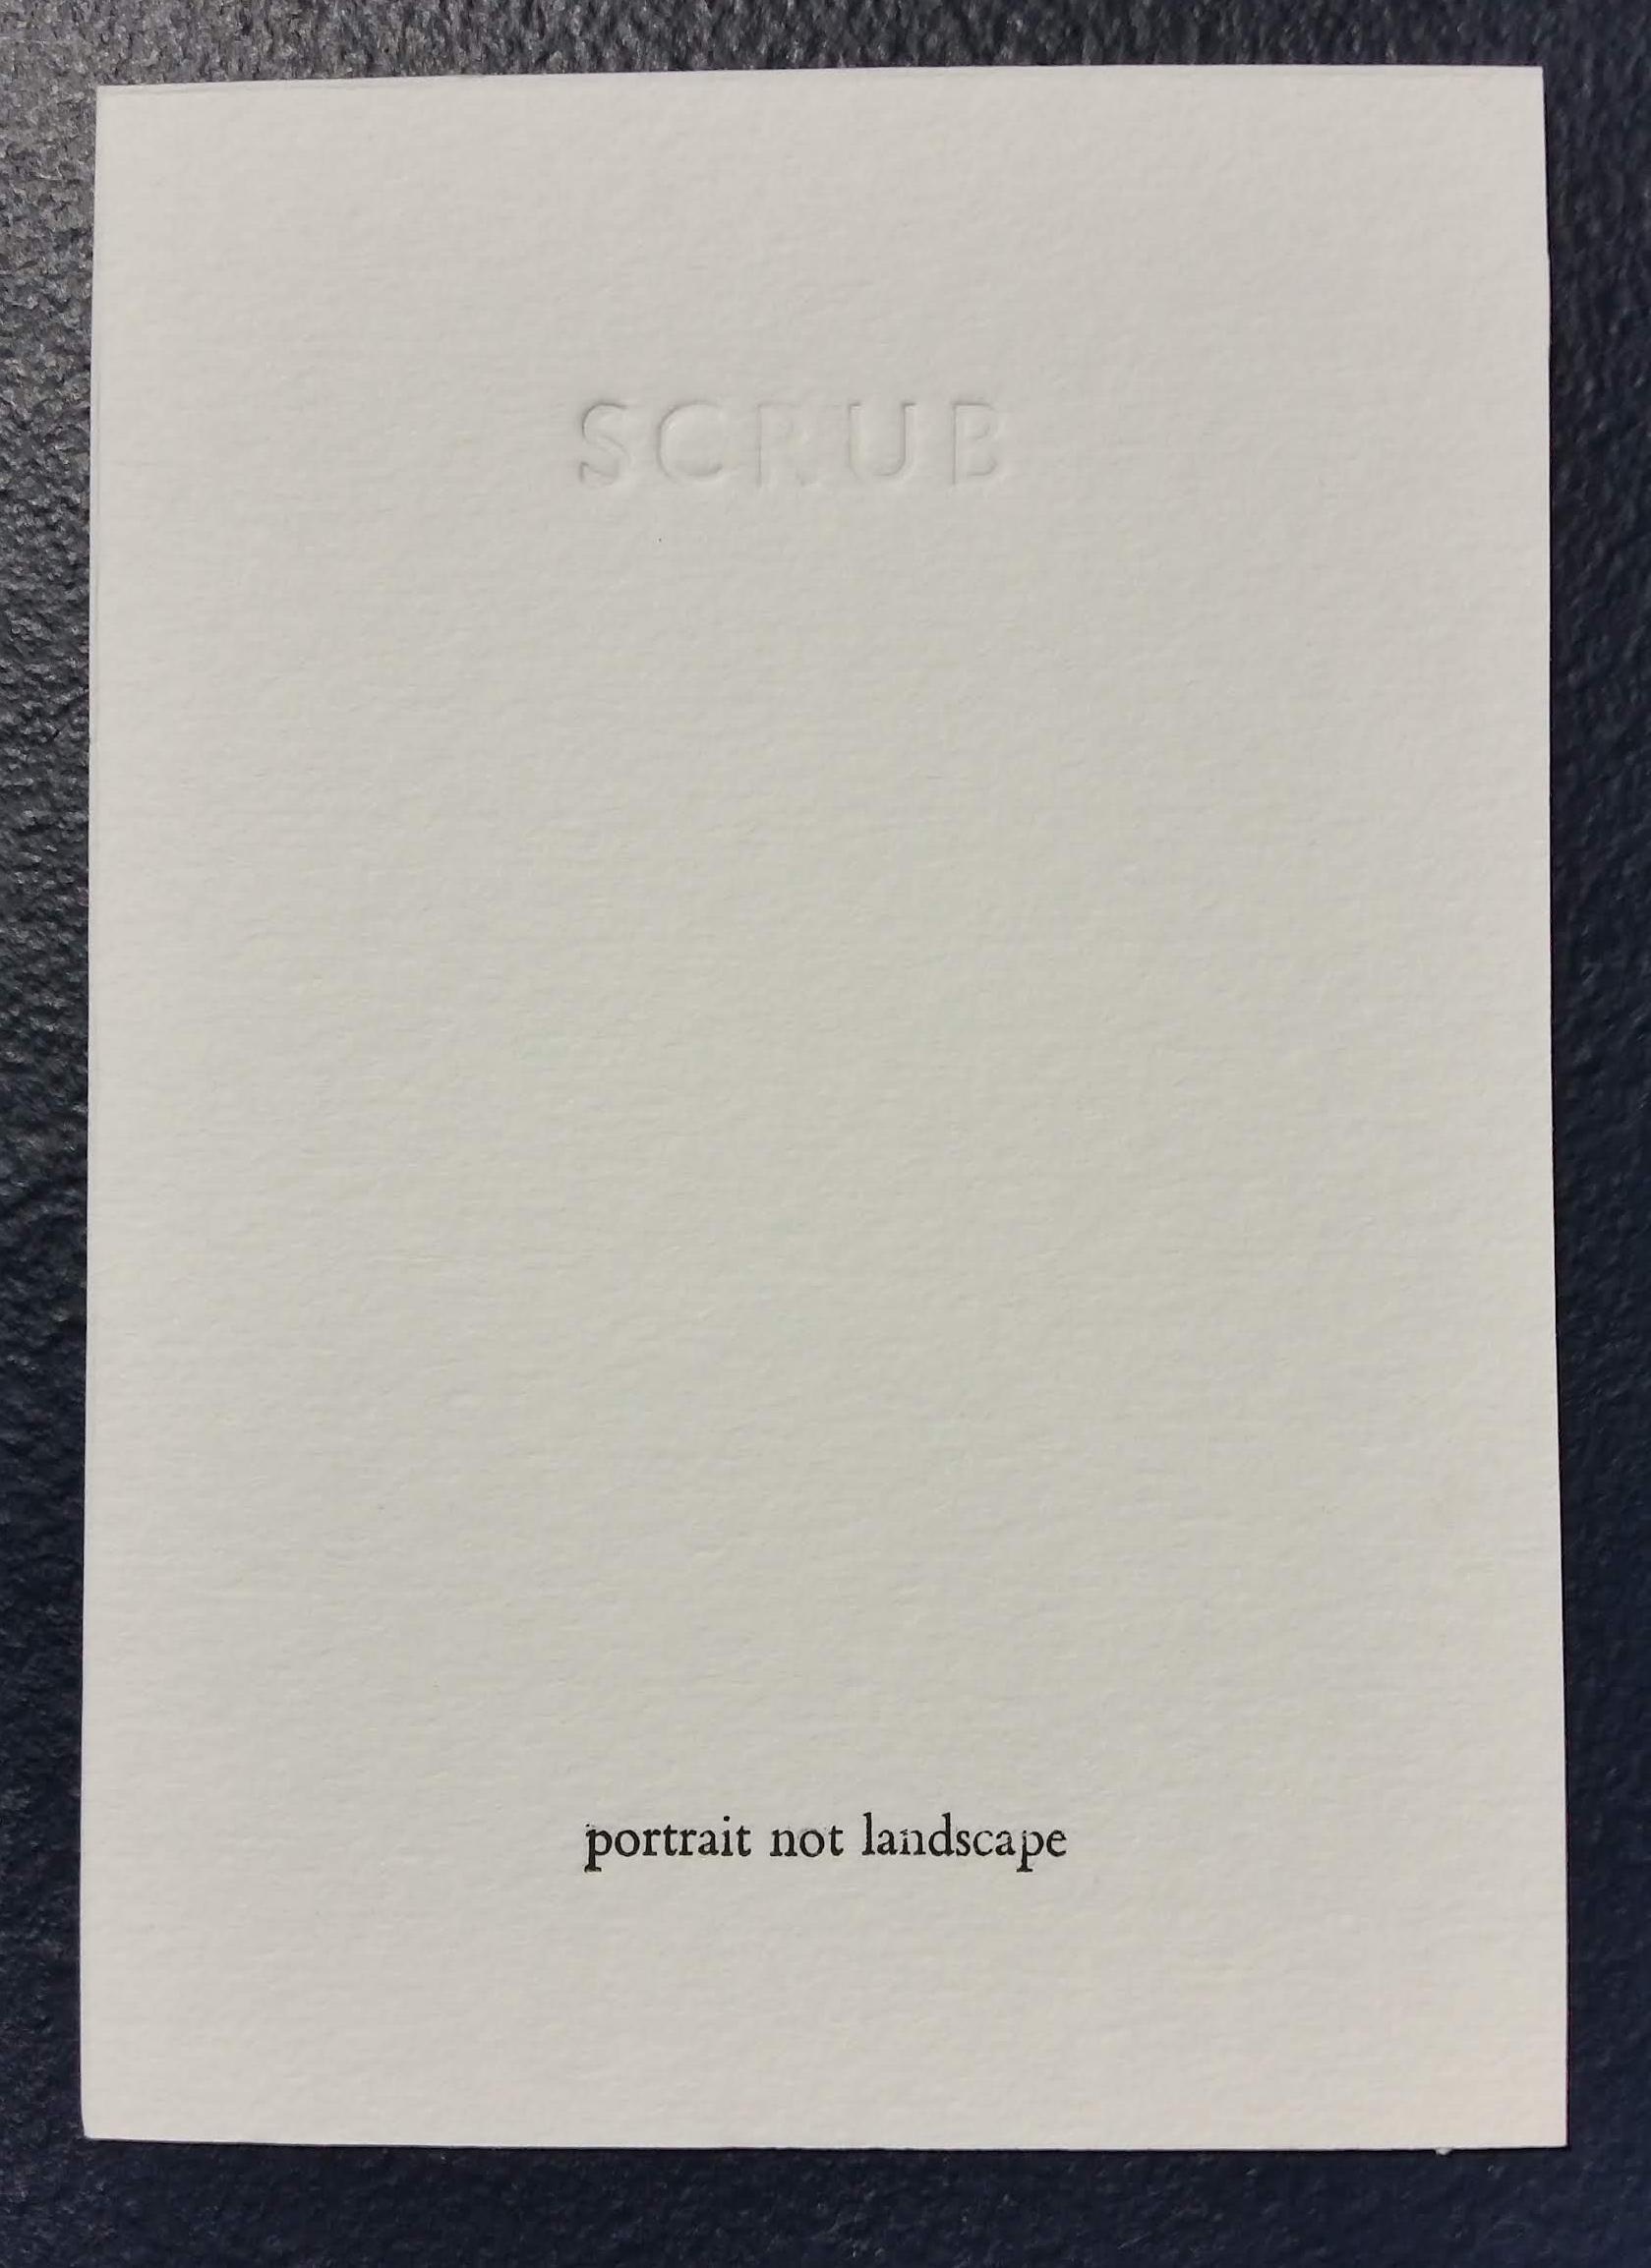 SCRUB poem cards (2018) by Caroline Harris